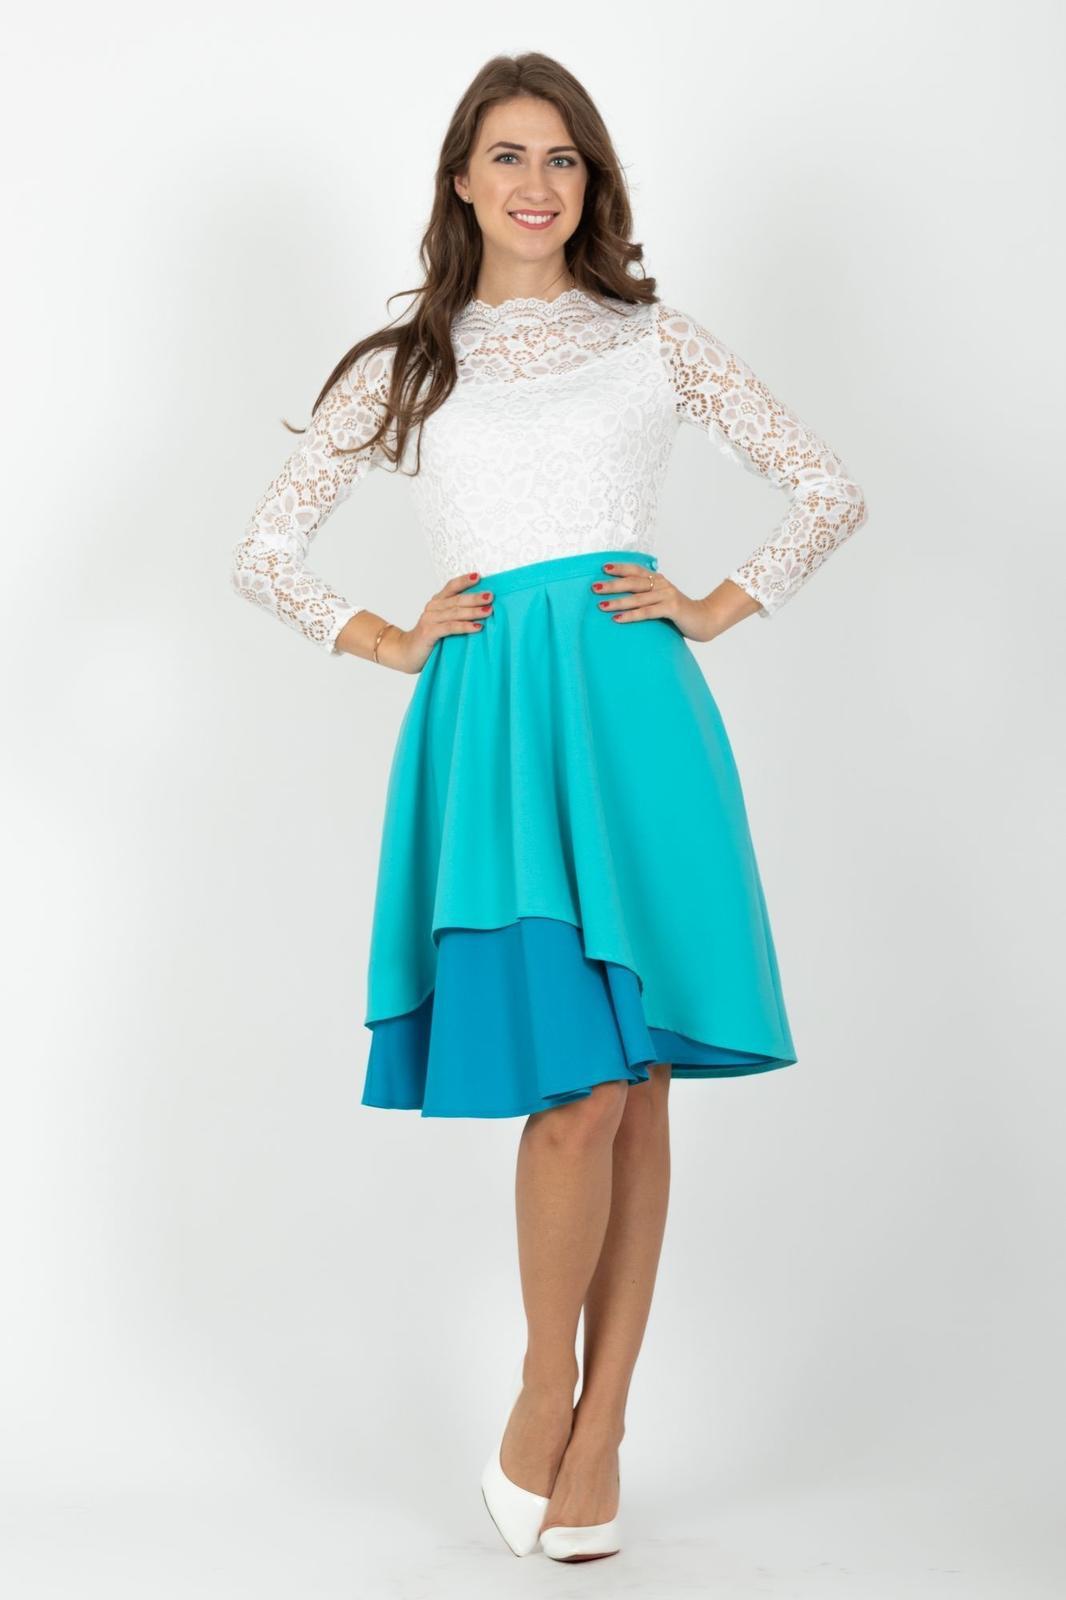 Sukně Vodopádka - ženská, jemná, nadčasová - POSHme - sukně Vodopádka